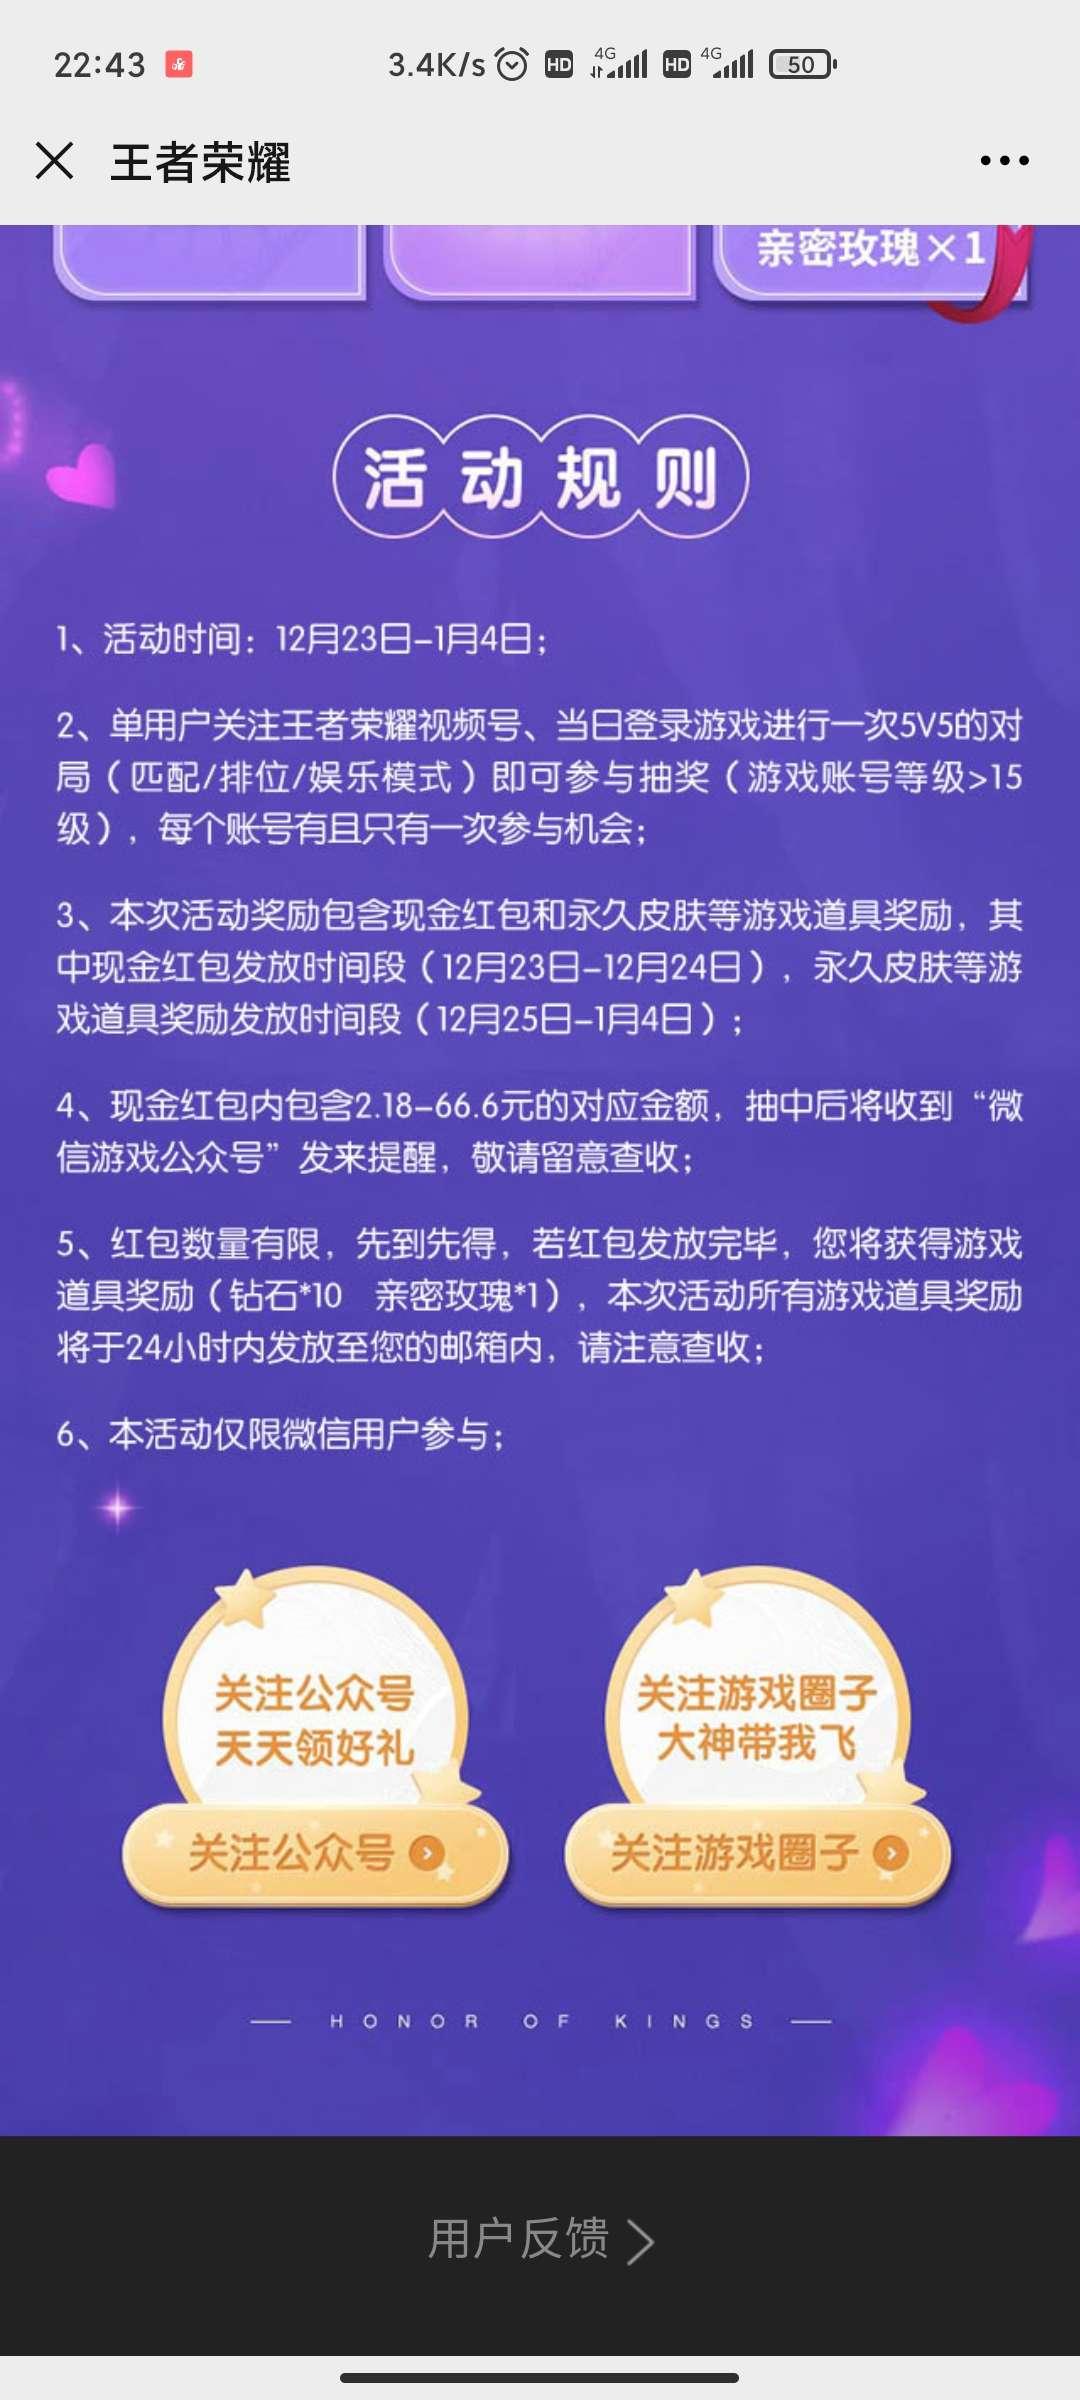 图片[4]-王者荣耀微信区抽红包-老友薅羊毛活动线报网